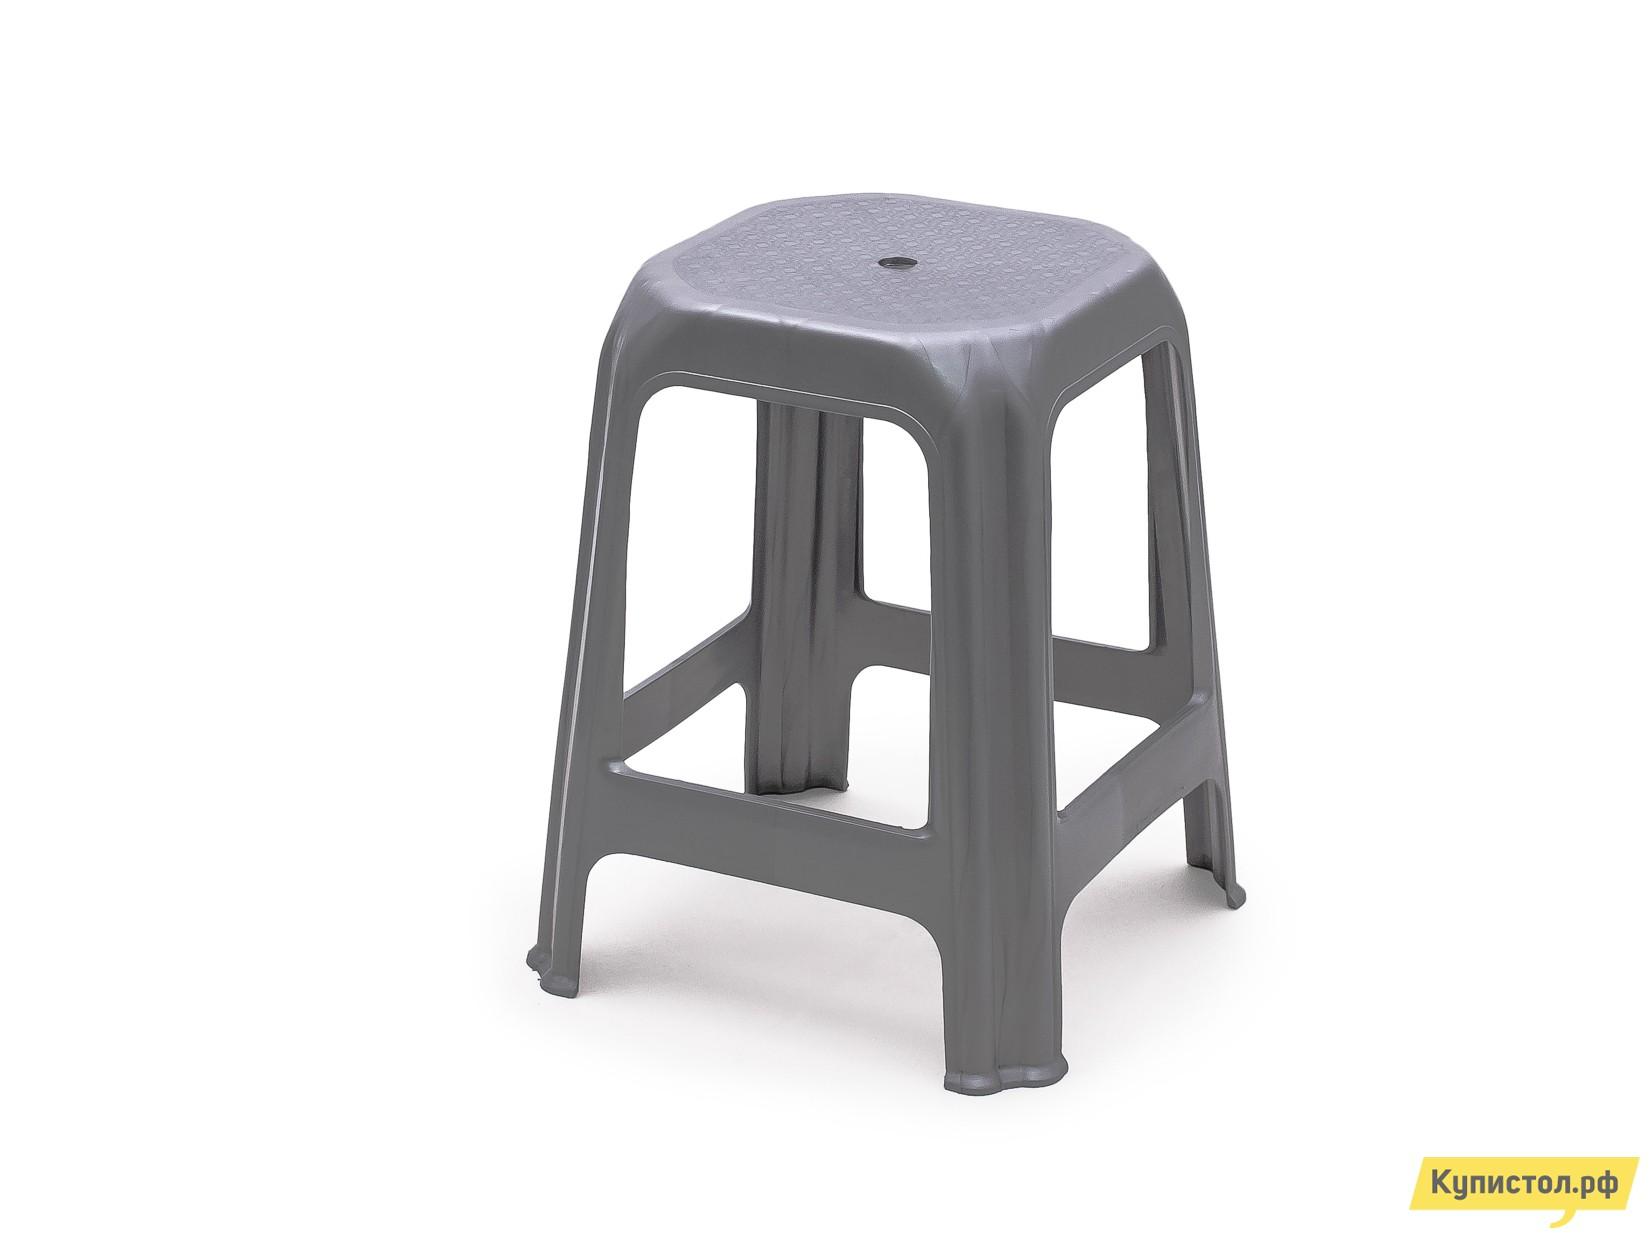 Пластиковый табурет АТР Стул (табурет) Серый